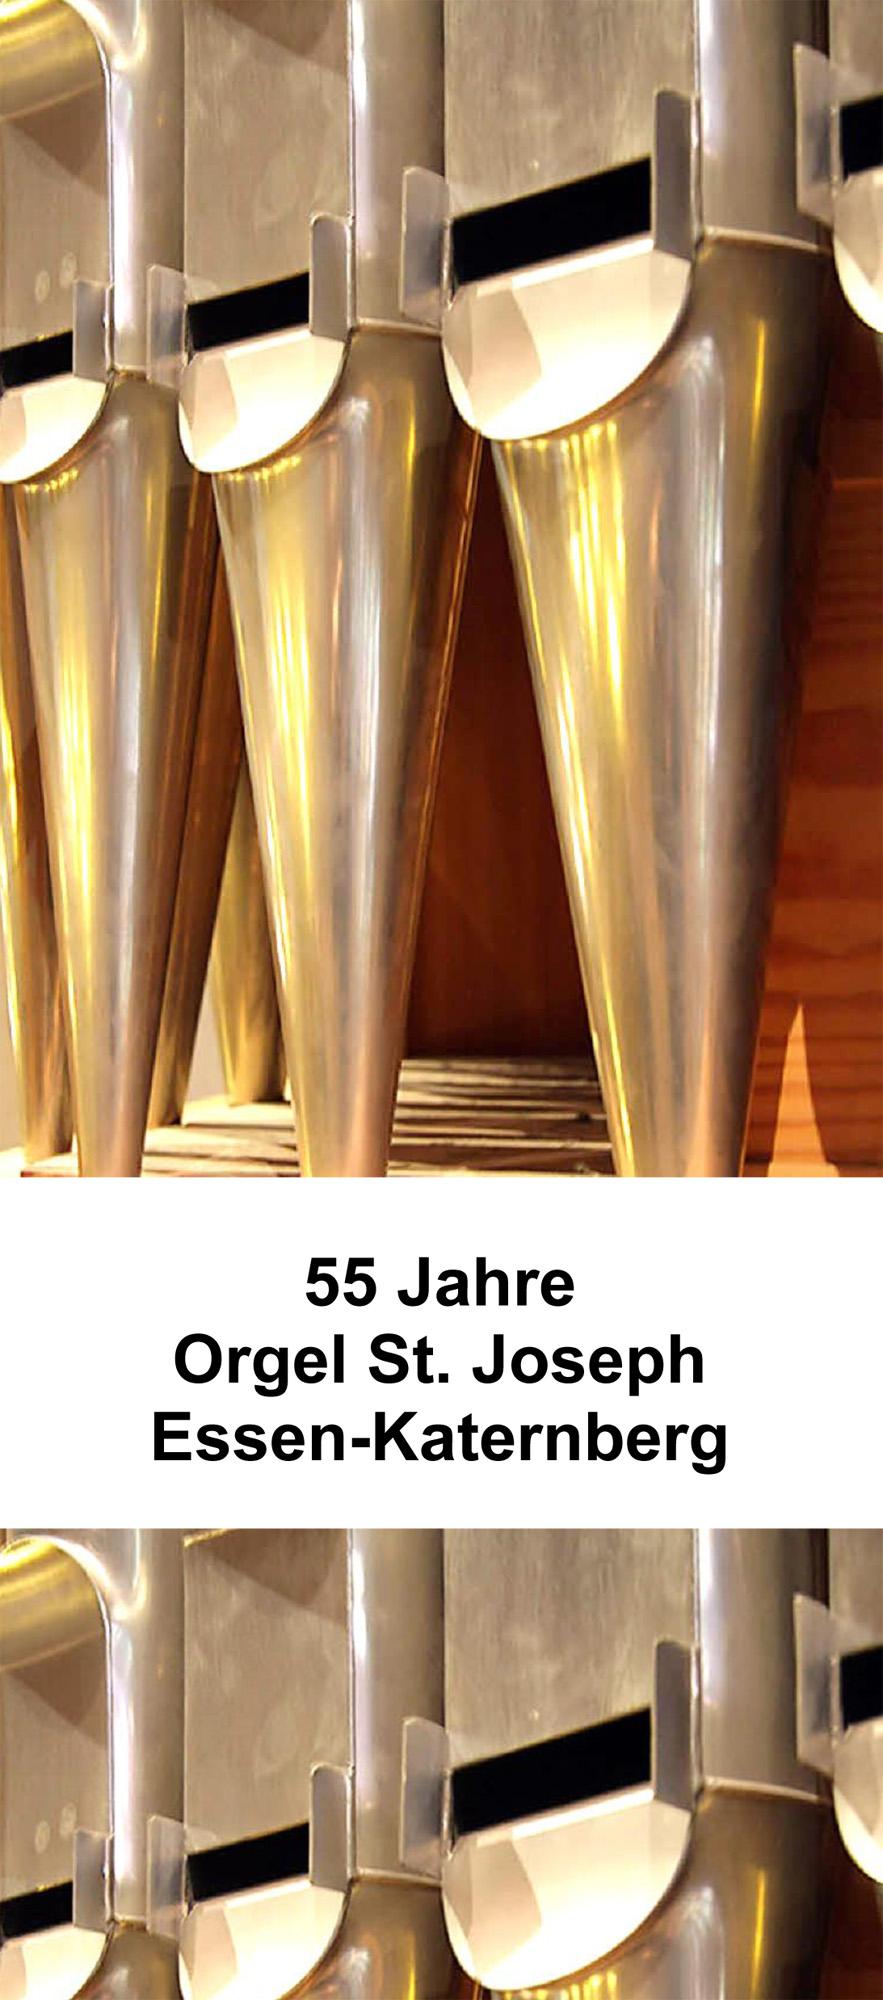 Orgelkonzertreihe in St. Joseph